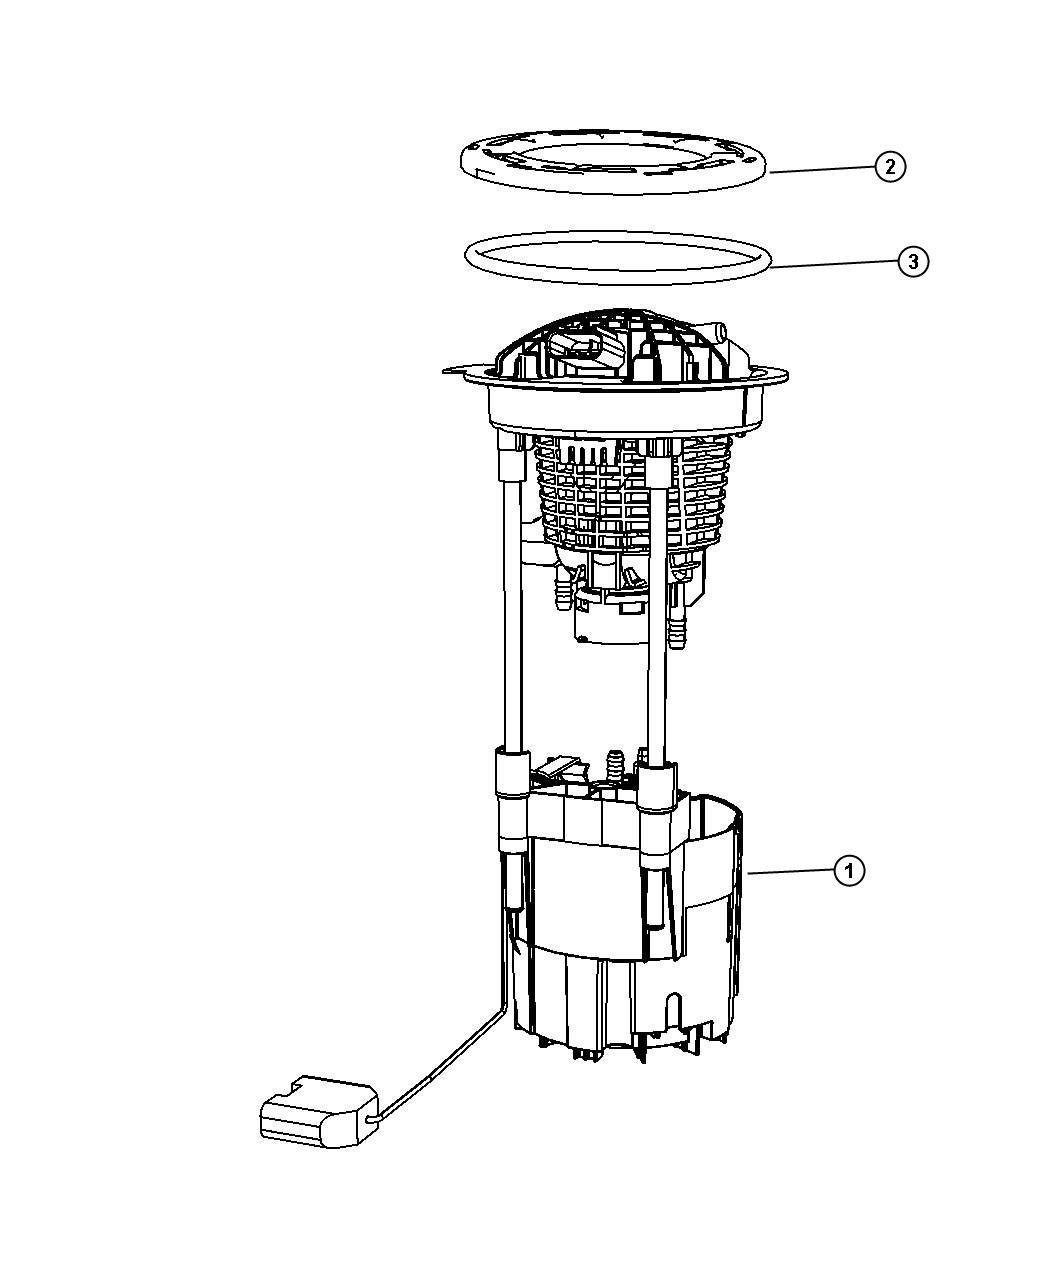 2005 Dodge Ram 1500 Module package. Fuel pump/level unit